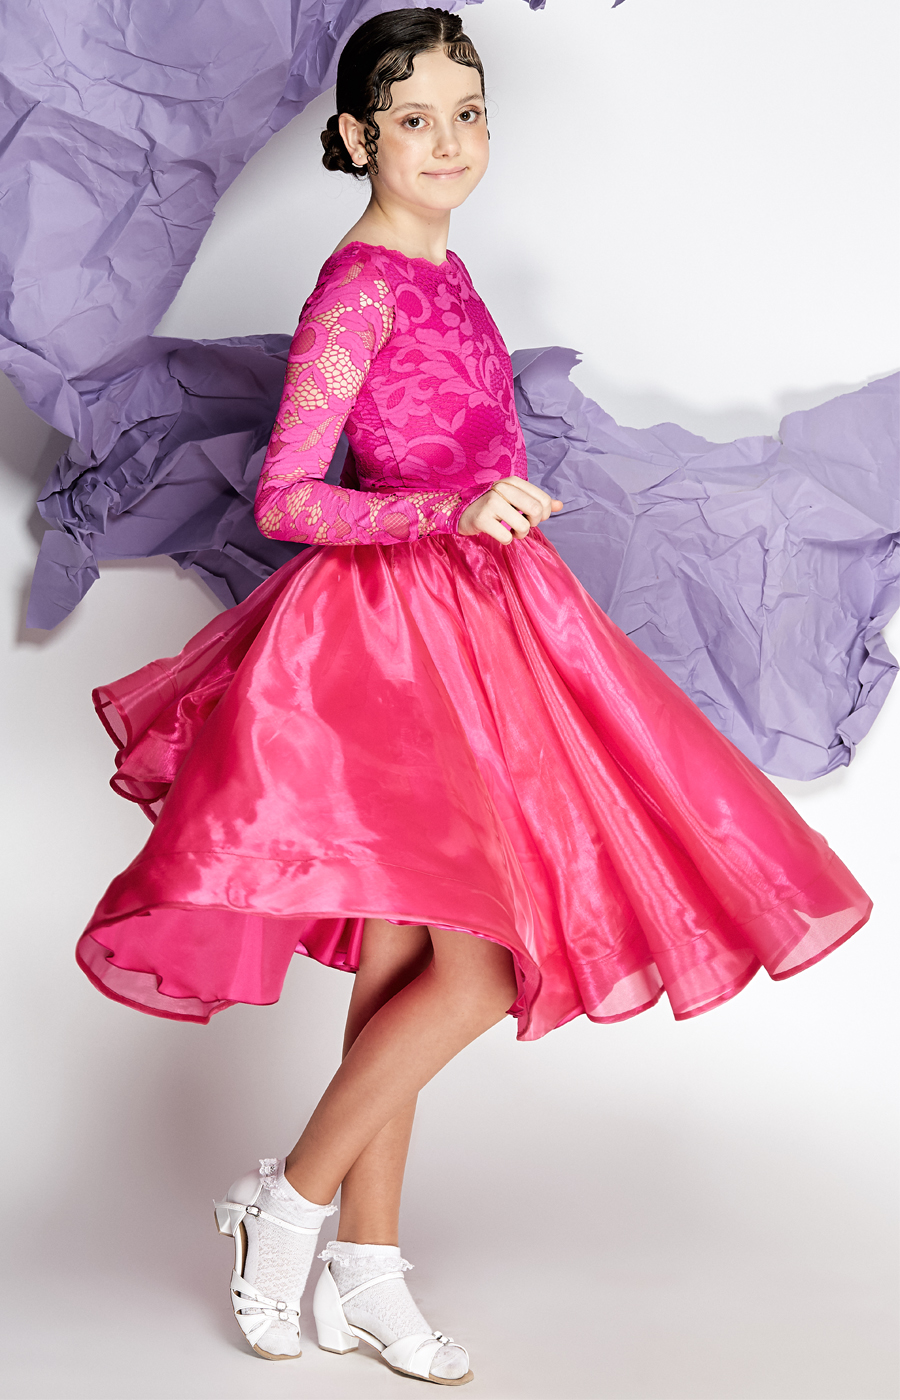 Juliette juvenile dress